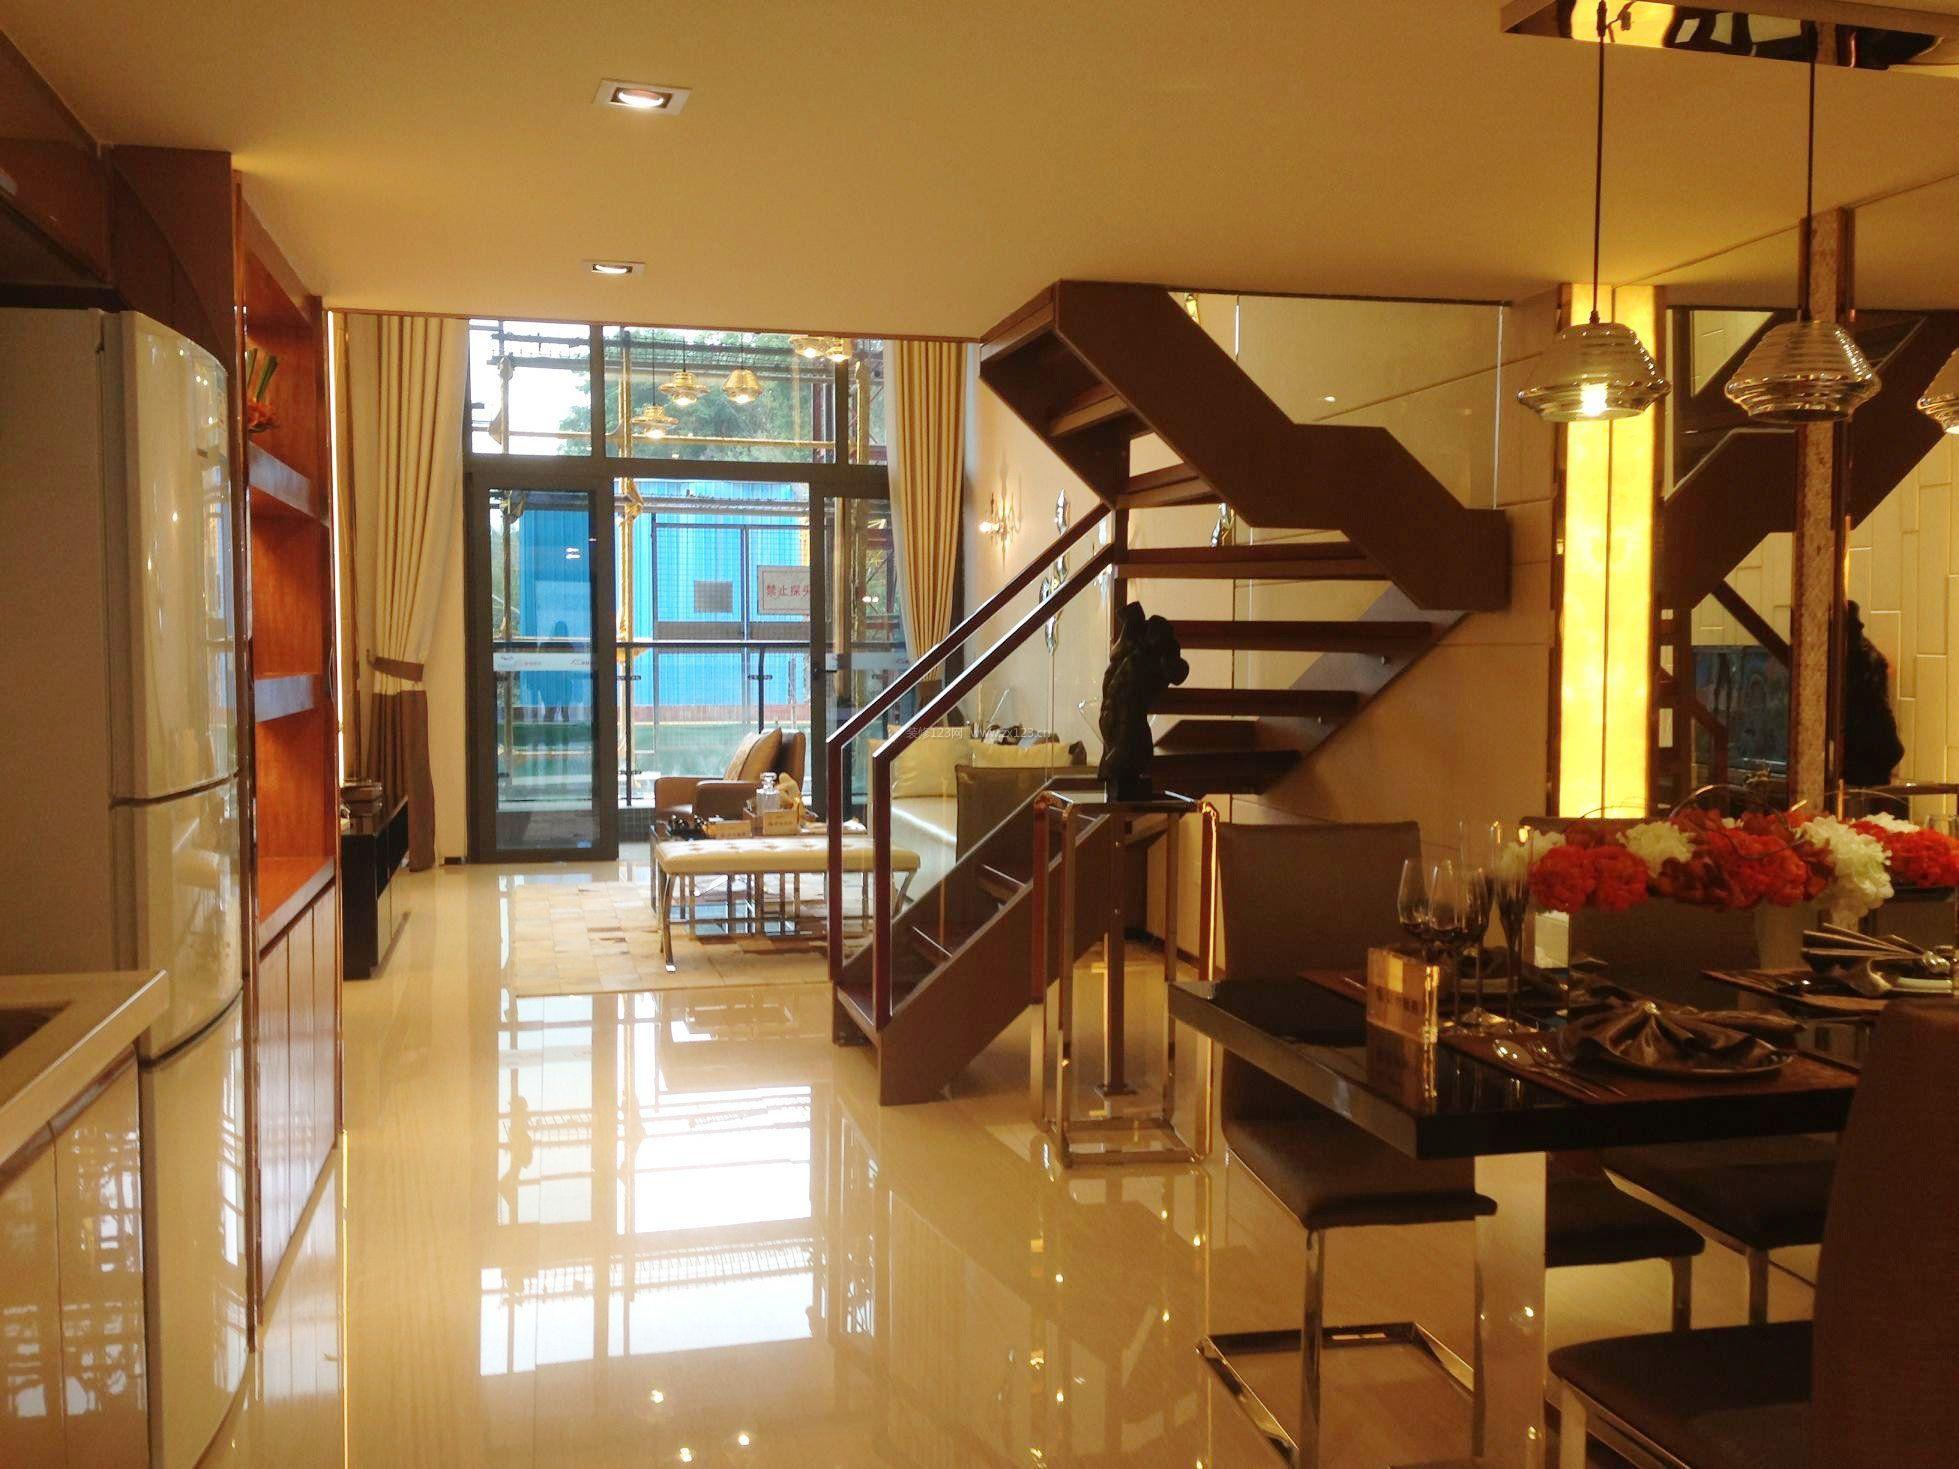 两室两厅房子设计图_房子装修效果图3室一厅-三房一厅室内装修|三室一厅装修效果图3d ...